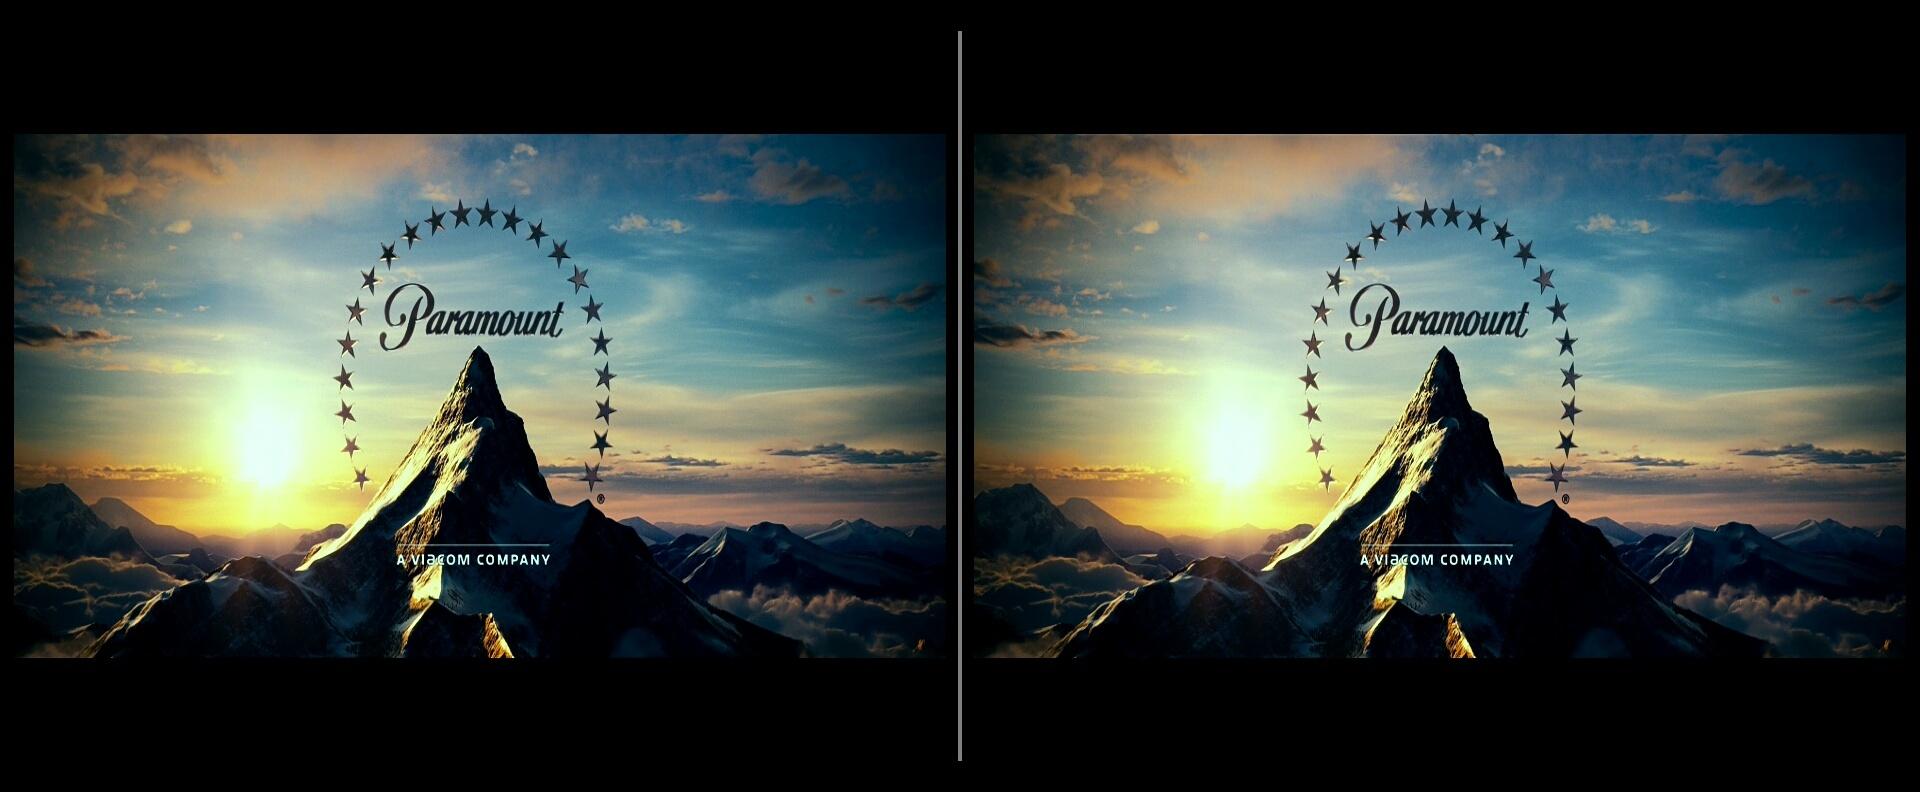 как смотреть видео в очках виртуальной реальности